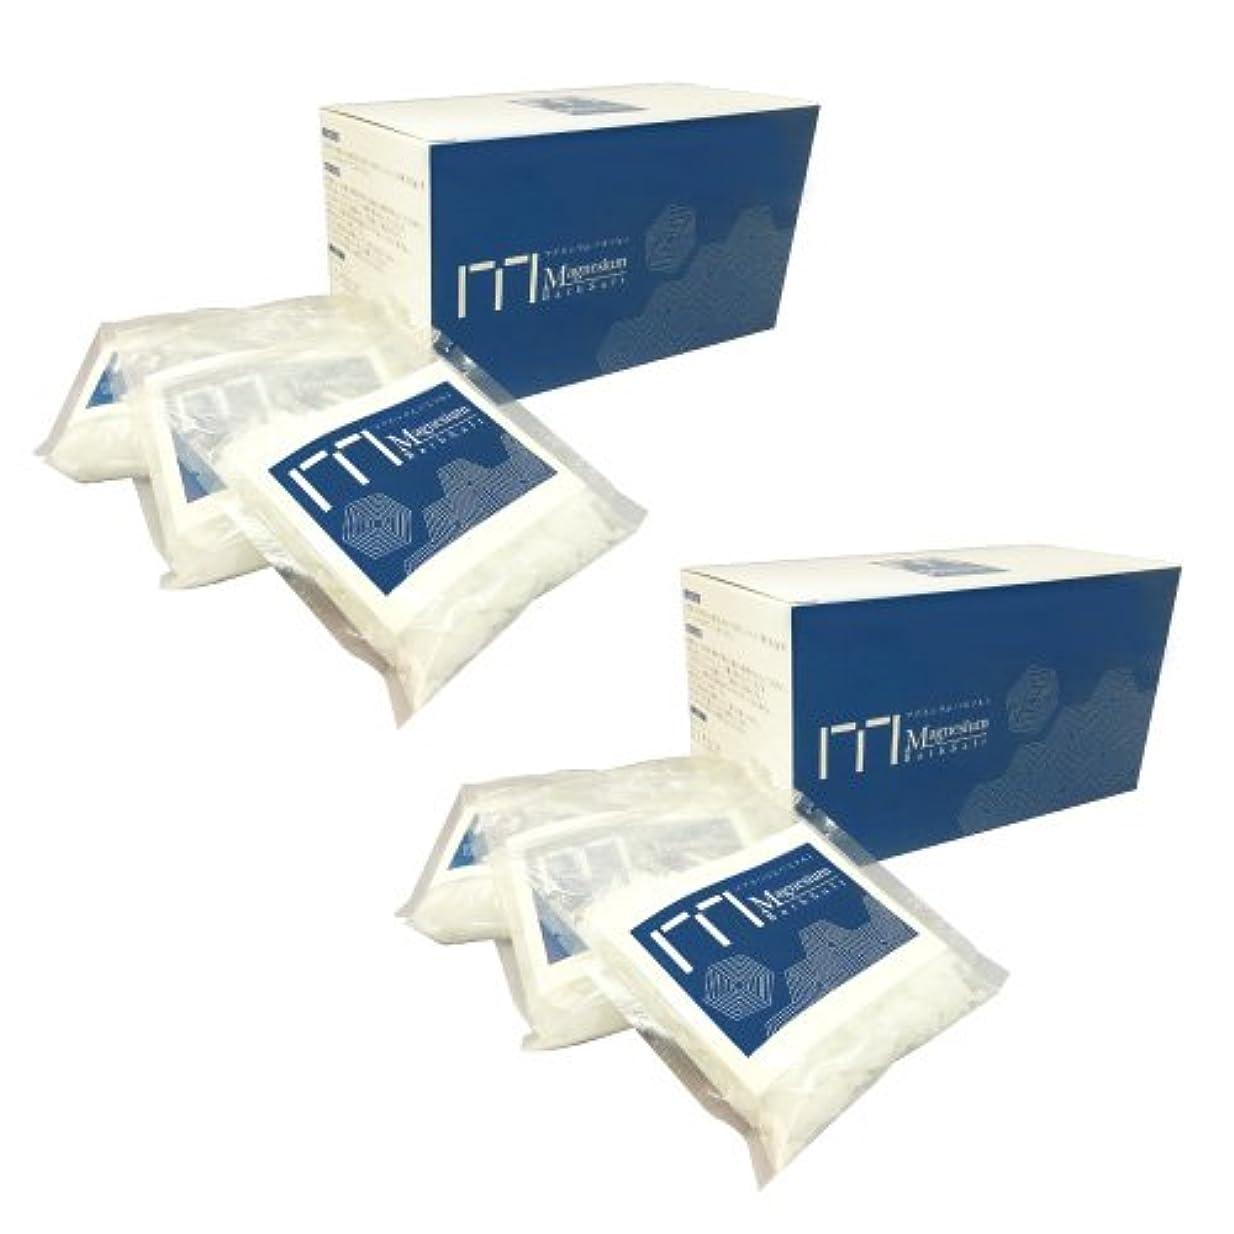 蓄積する相互反対ニューサイエンス マグネシウム入浴剤 (2個)